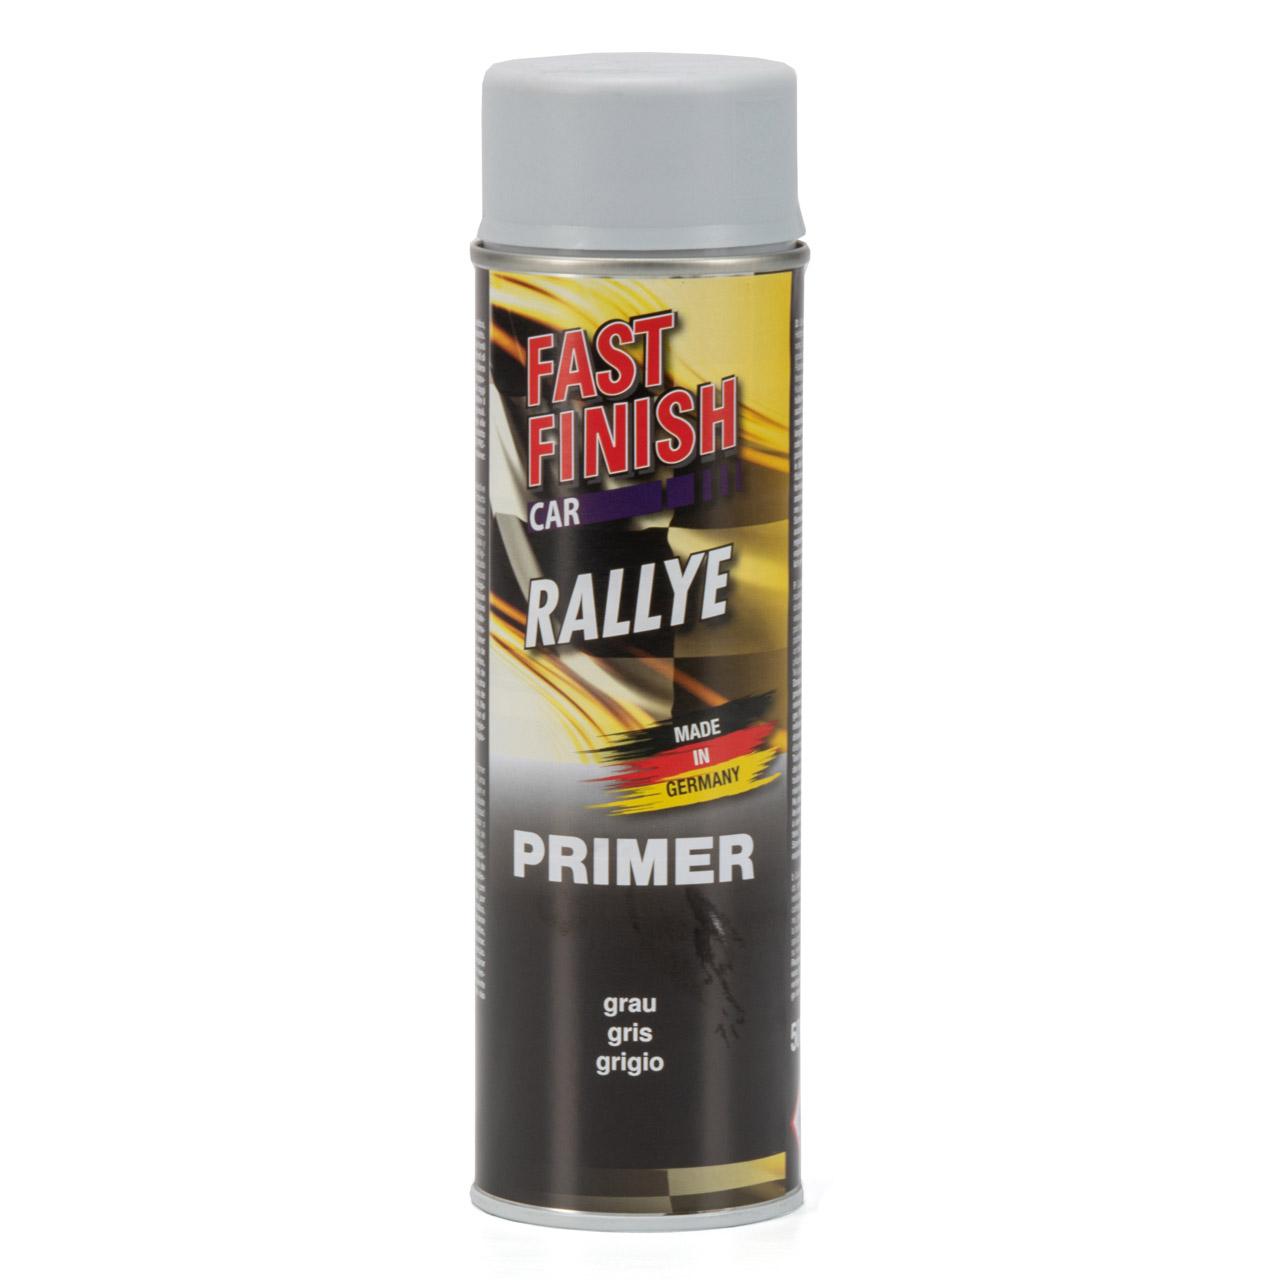 FAST FINISH Car Rallye Haftgrund Grundierung Grau Spraydose 500ml 292811